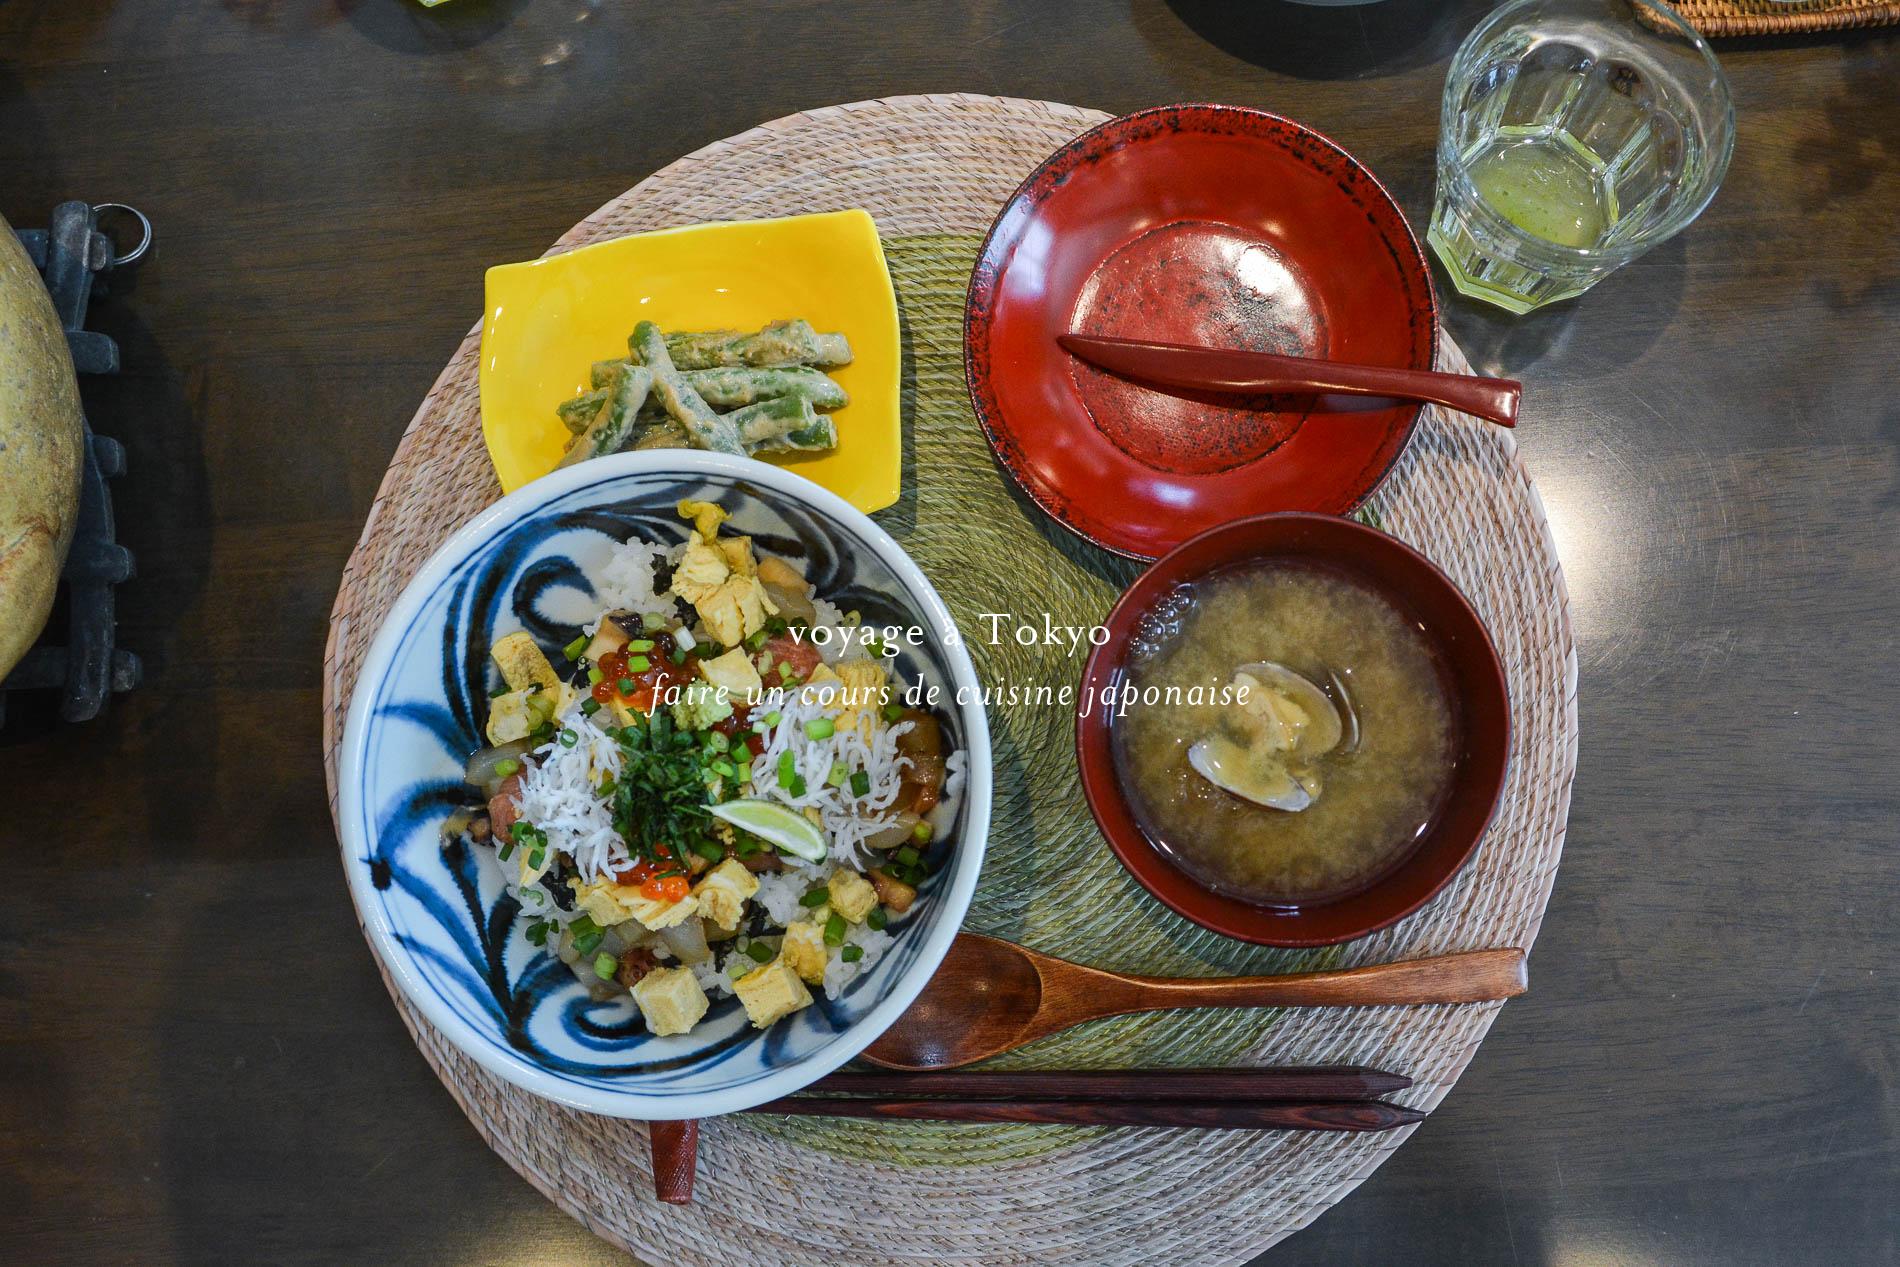 faire un cours de cuisine japonaise tokyo le poly drele poly dre. Black Bedroom Furniture Sets. Home Design Ideas